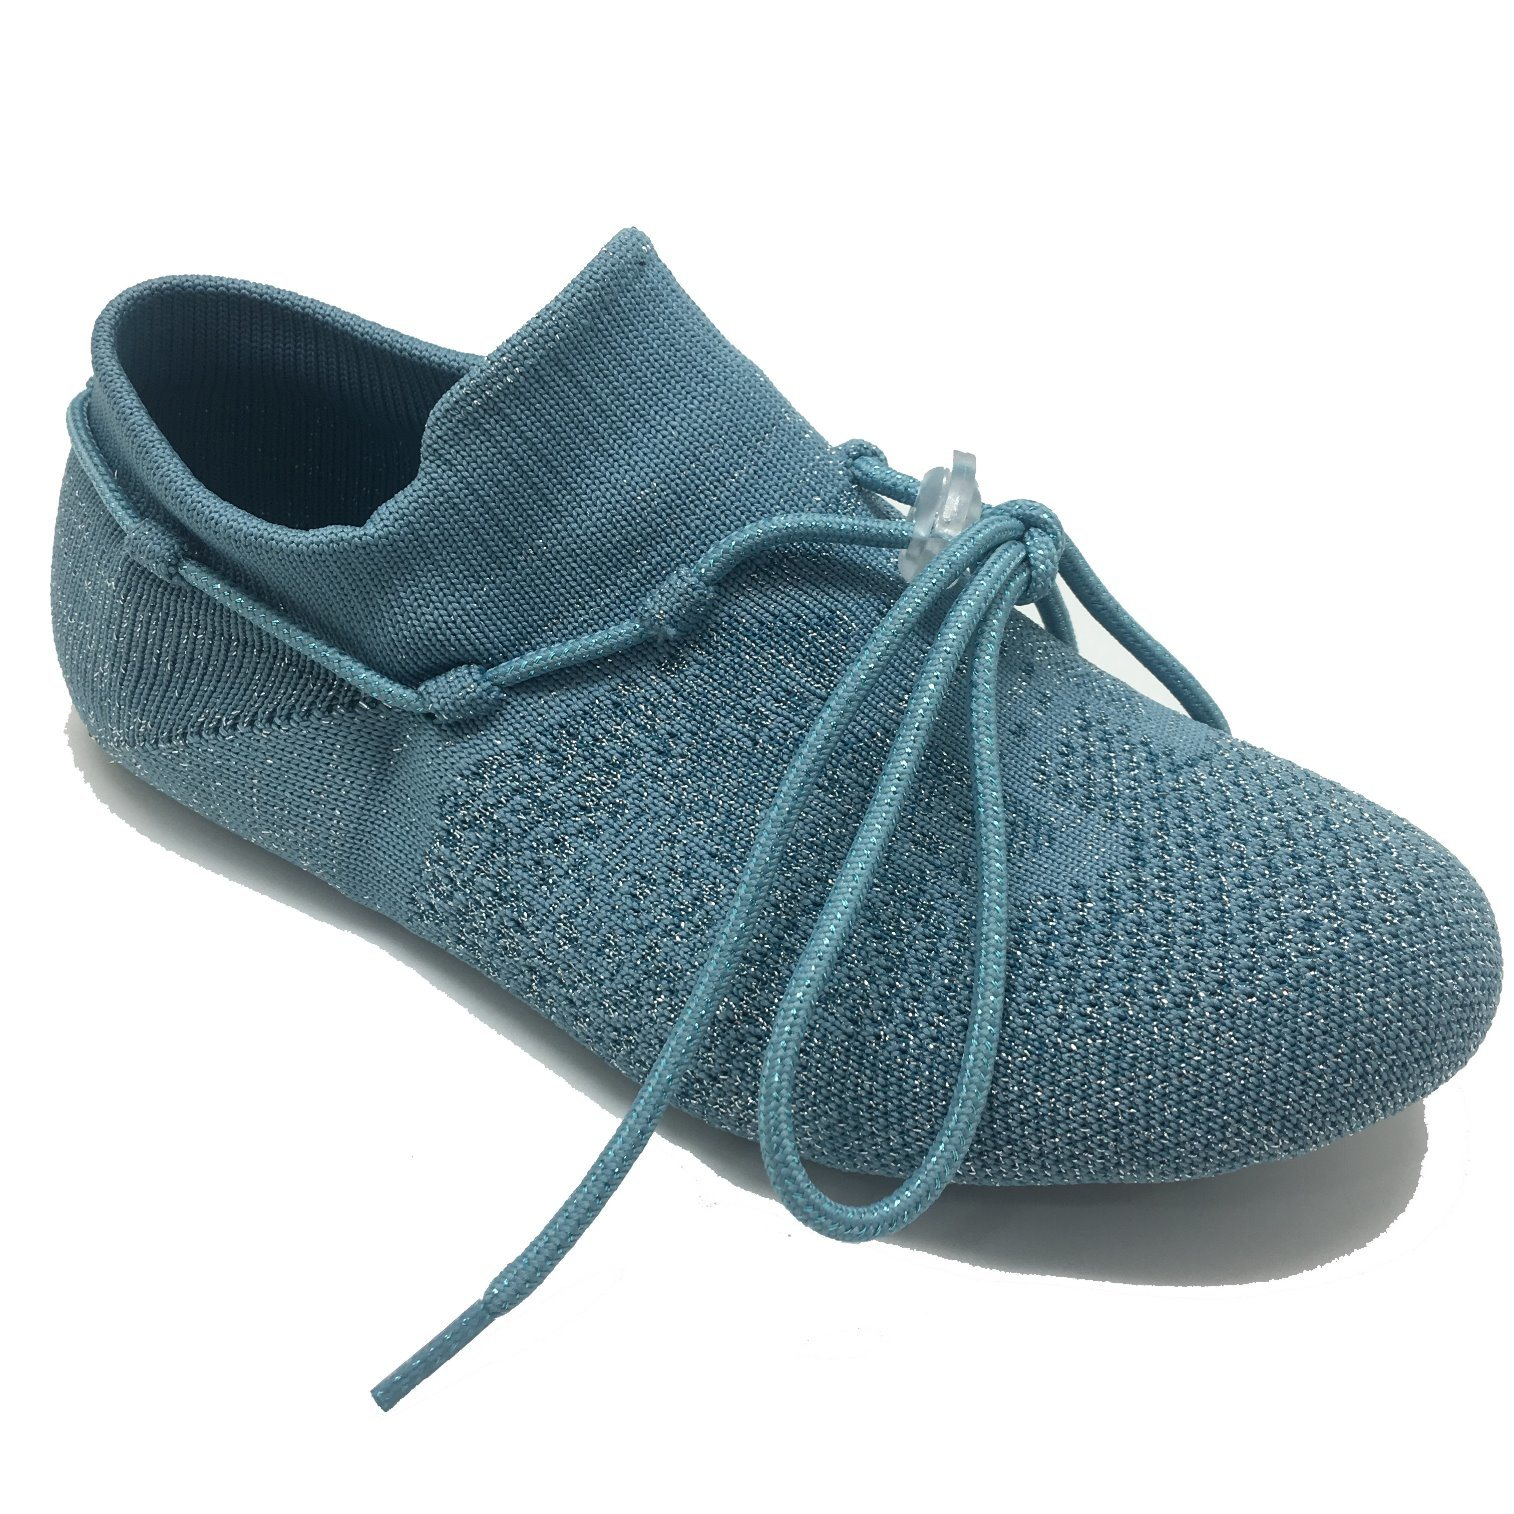 Fashion-Socks-Flyknit-Upper-for-Shoe-Making